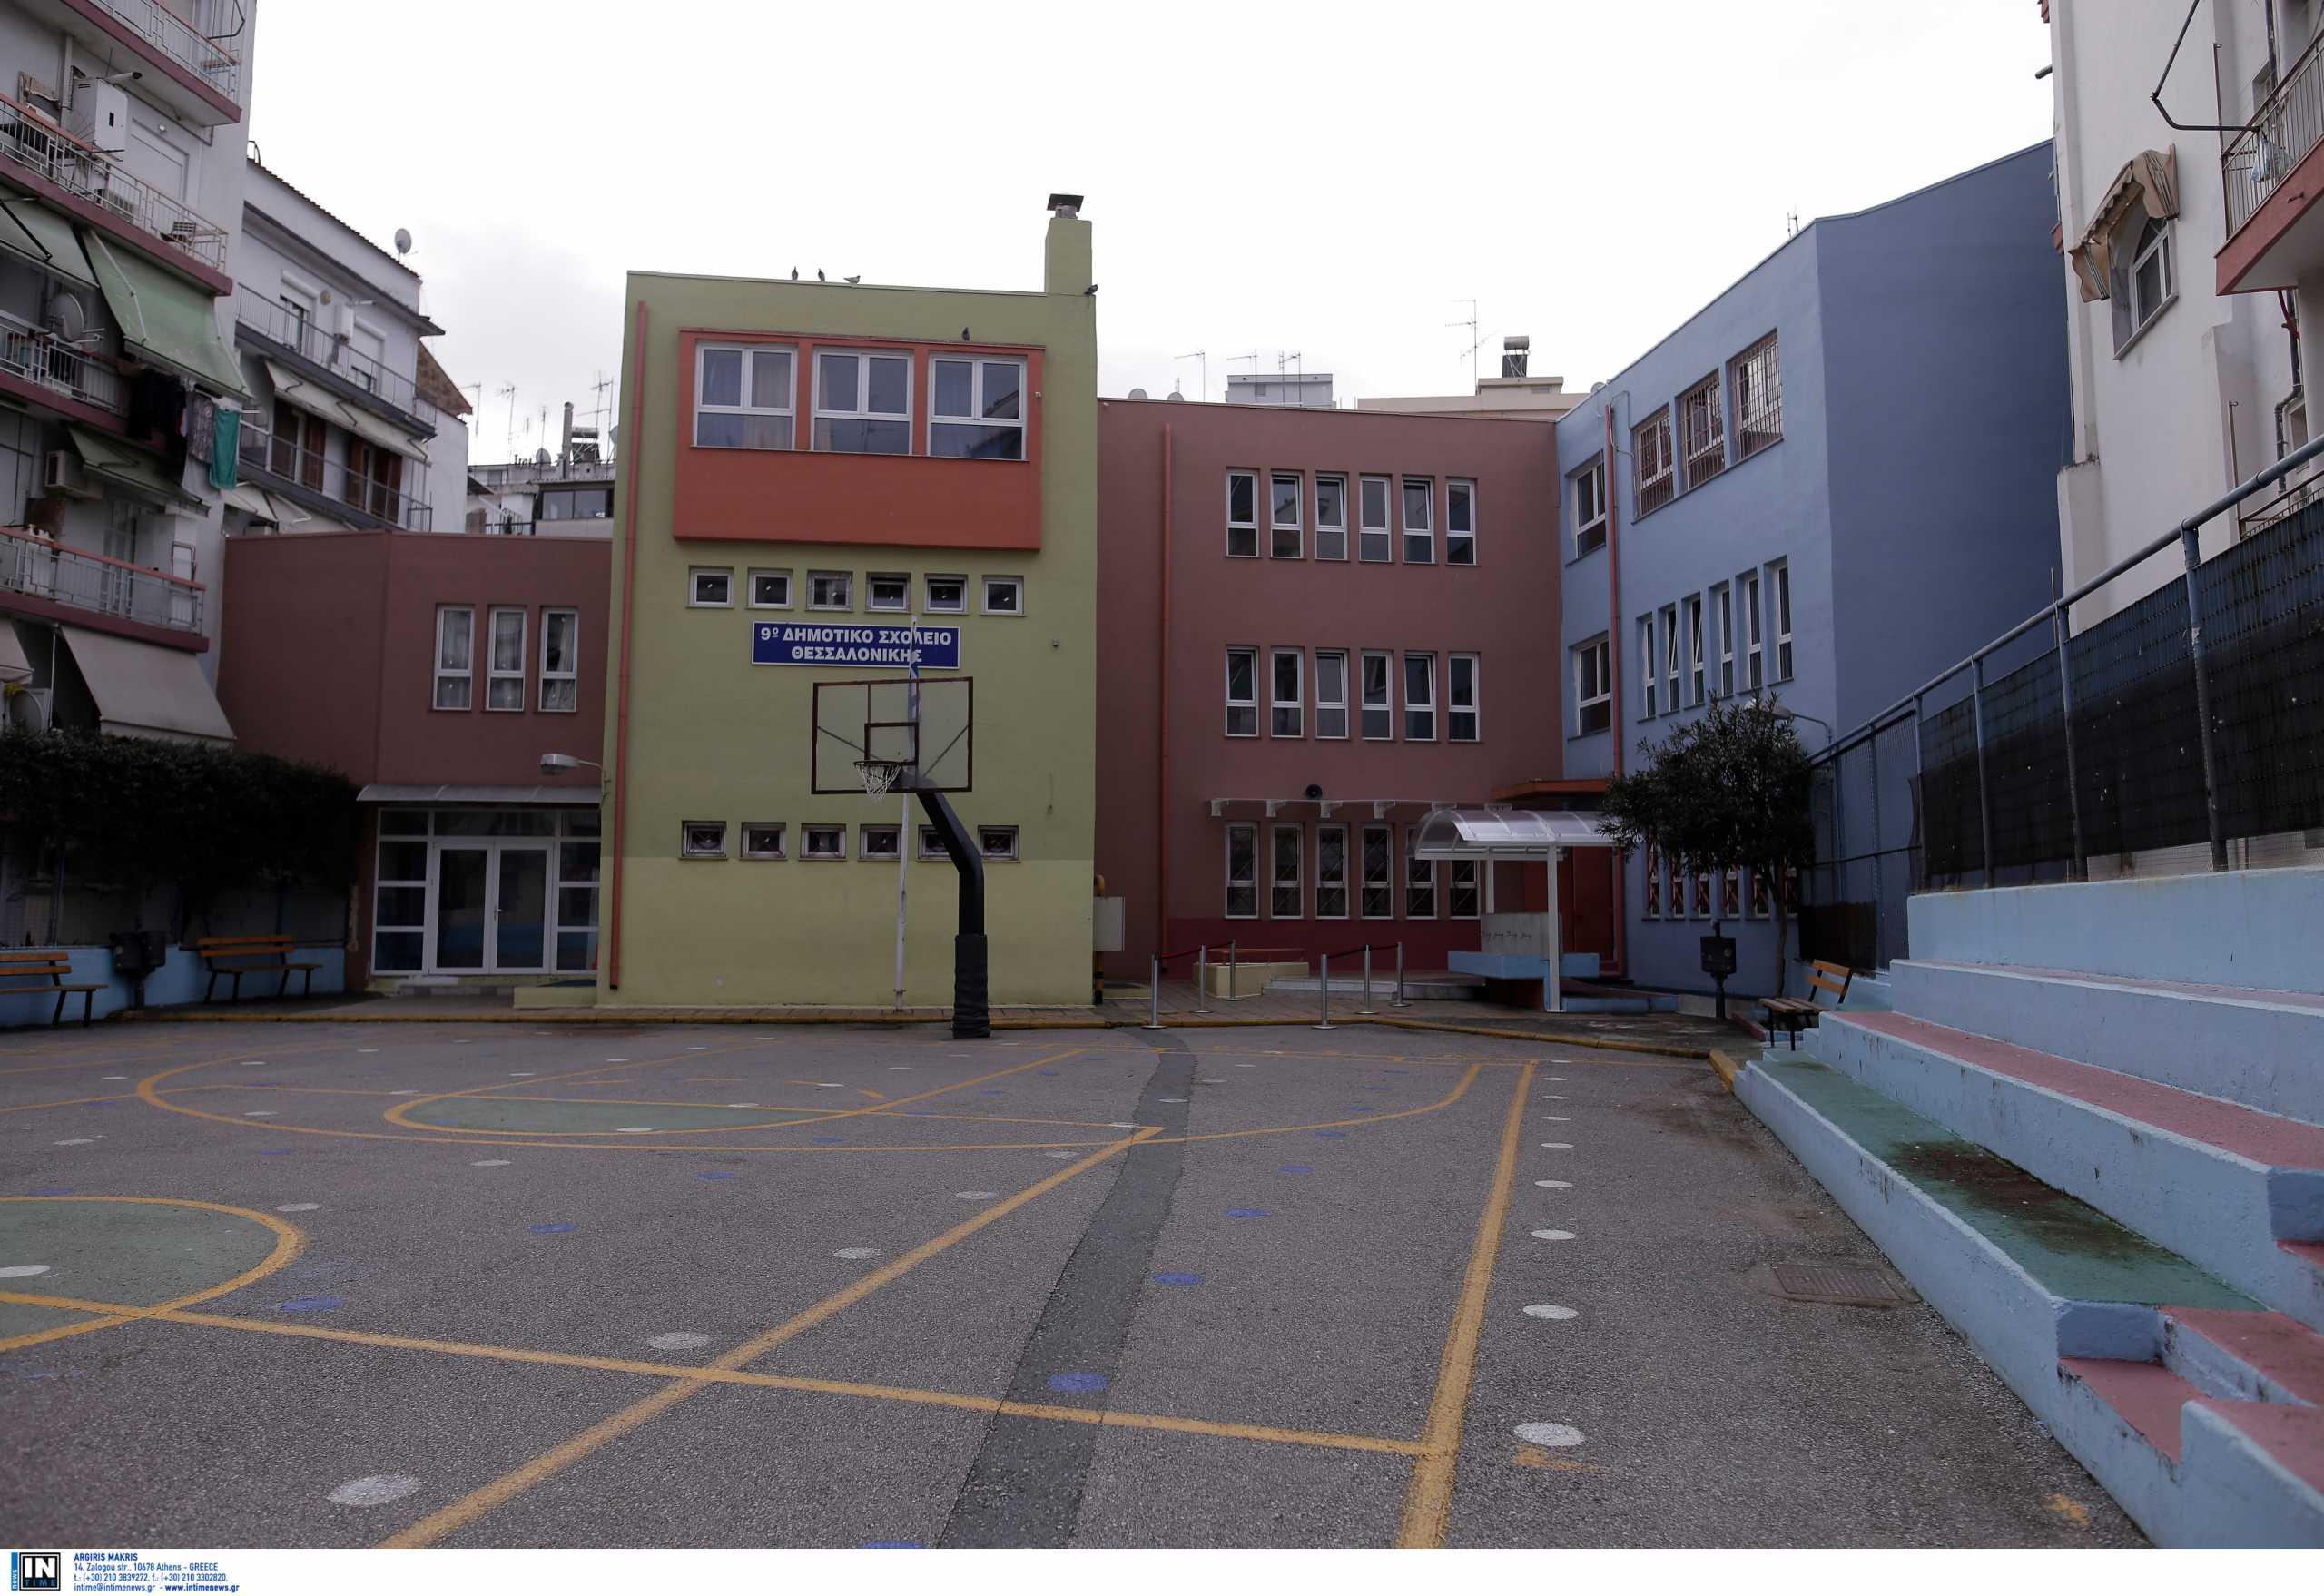 Θεσσαλονίκη: 600 τεστ για κορωνοϊό σε εκπαιδευτικούς λίγο πριν ανοίξουν τα δημοτικά σχολεία και τα νηπιαγωγεία(pics)